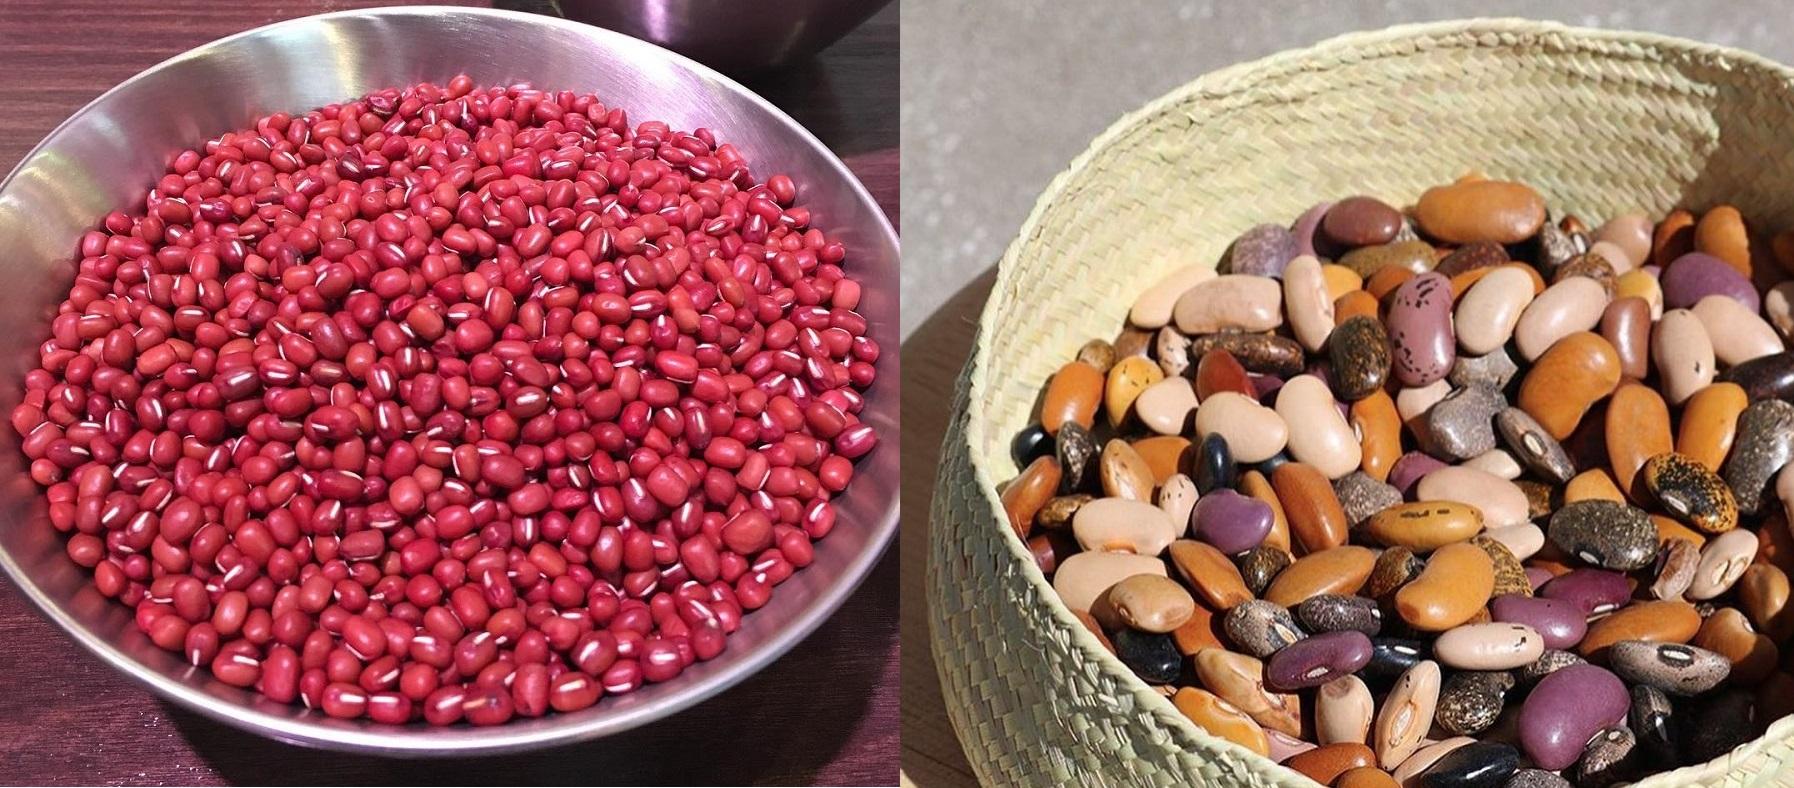 giảm béo toàn thân bằng các loại đậu